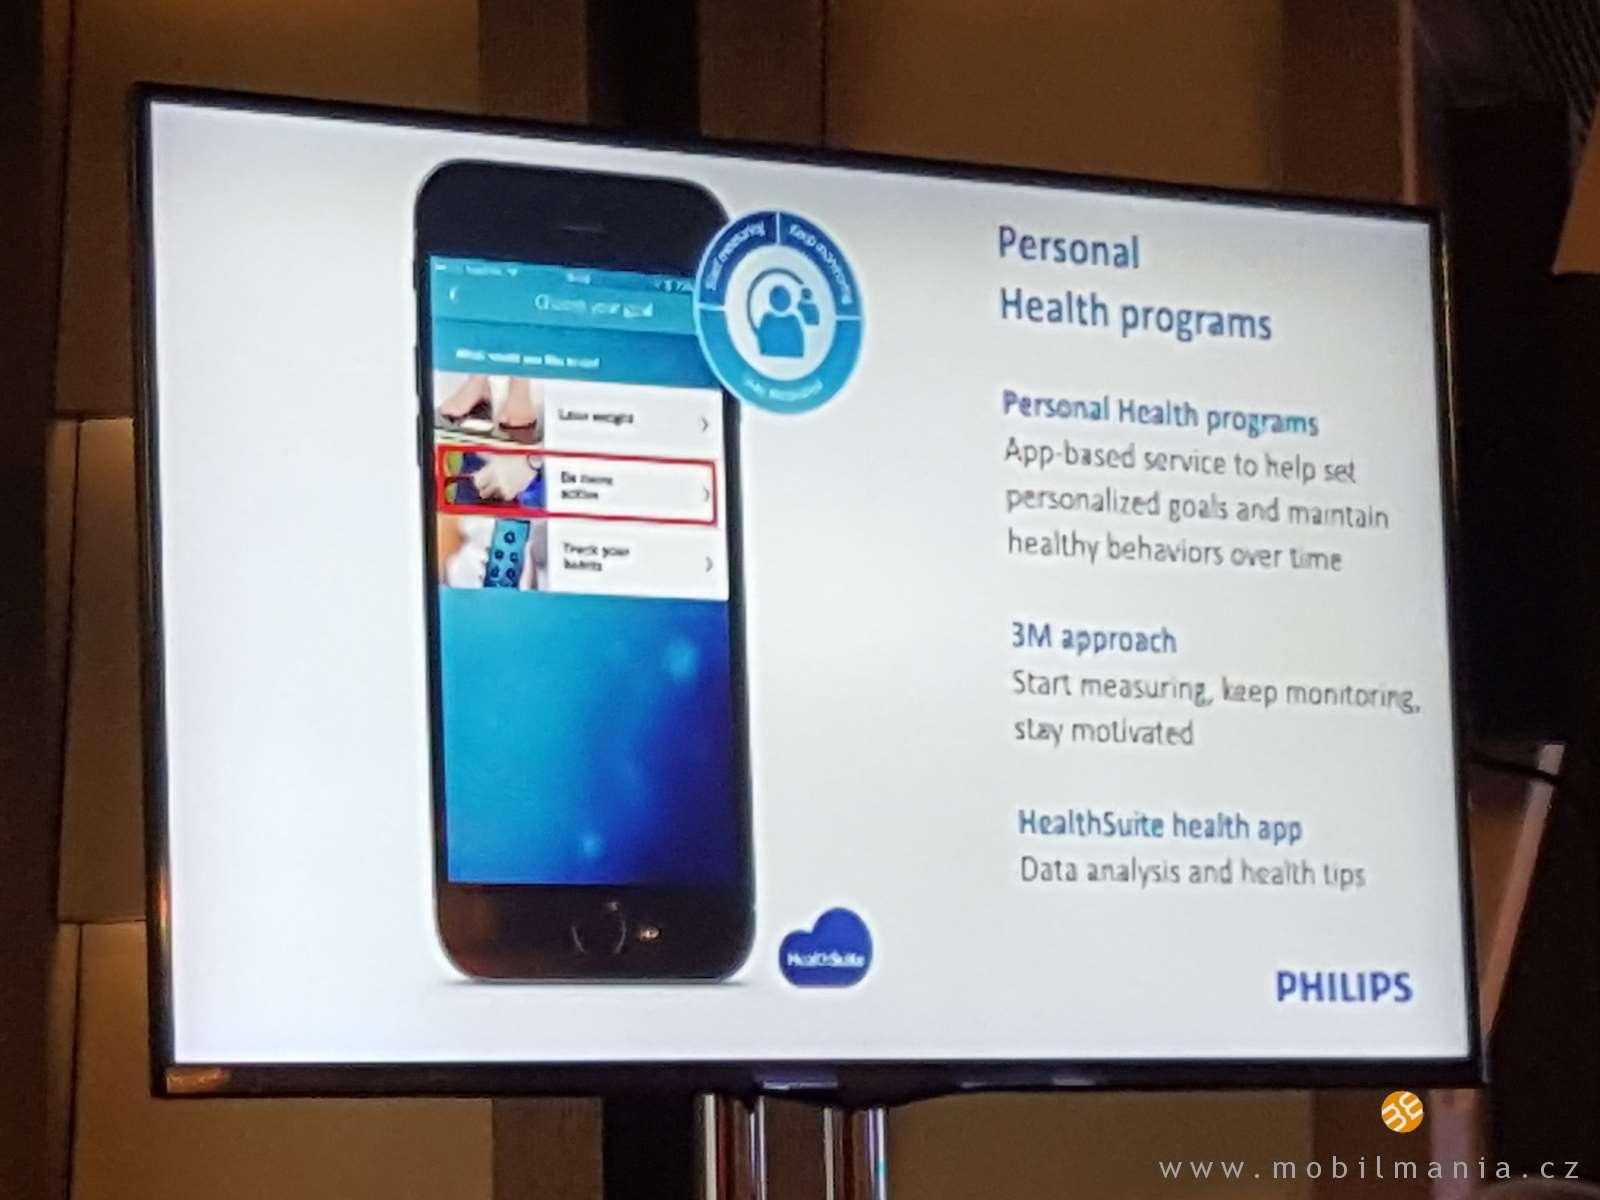 Philips dá smysl nositelnostem. Zaměří se na péči o zdraví ... d6c40360f4